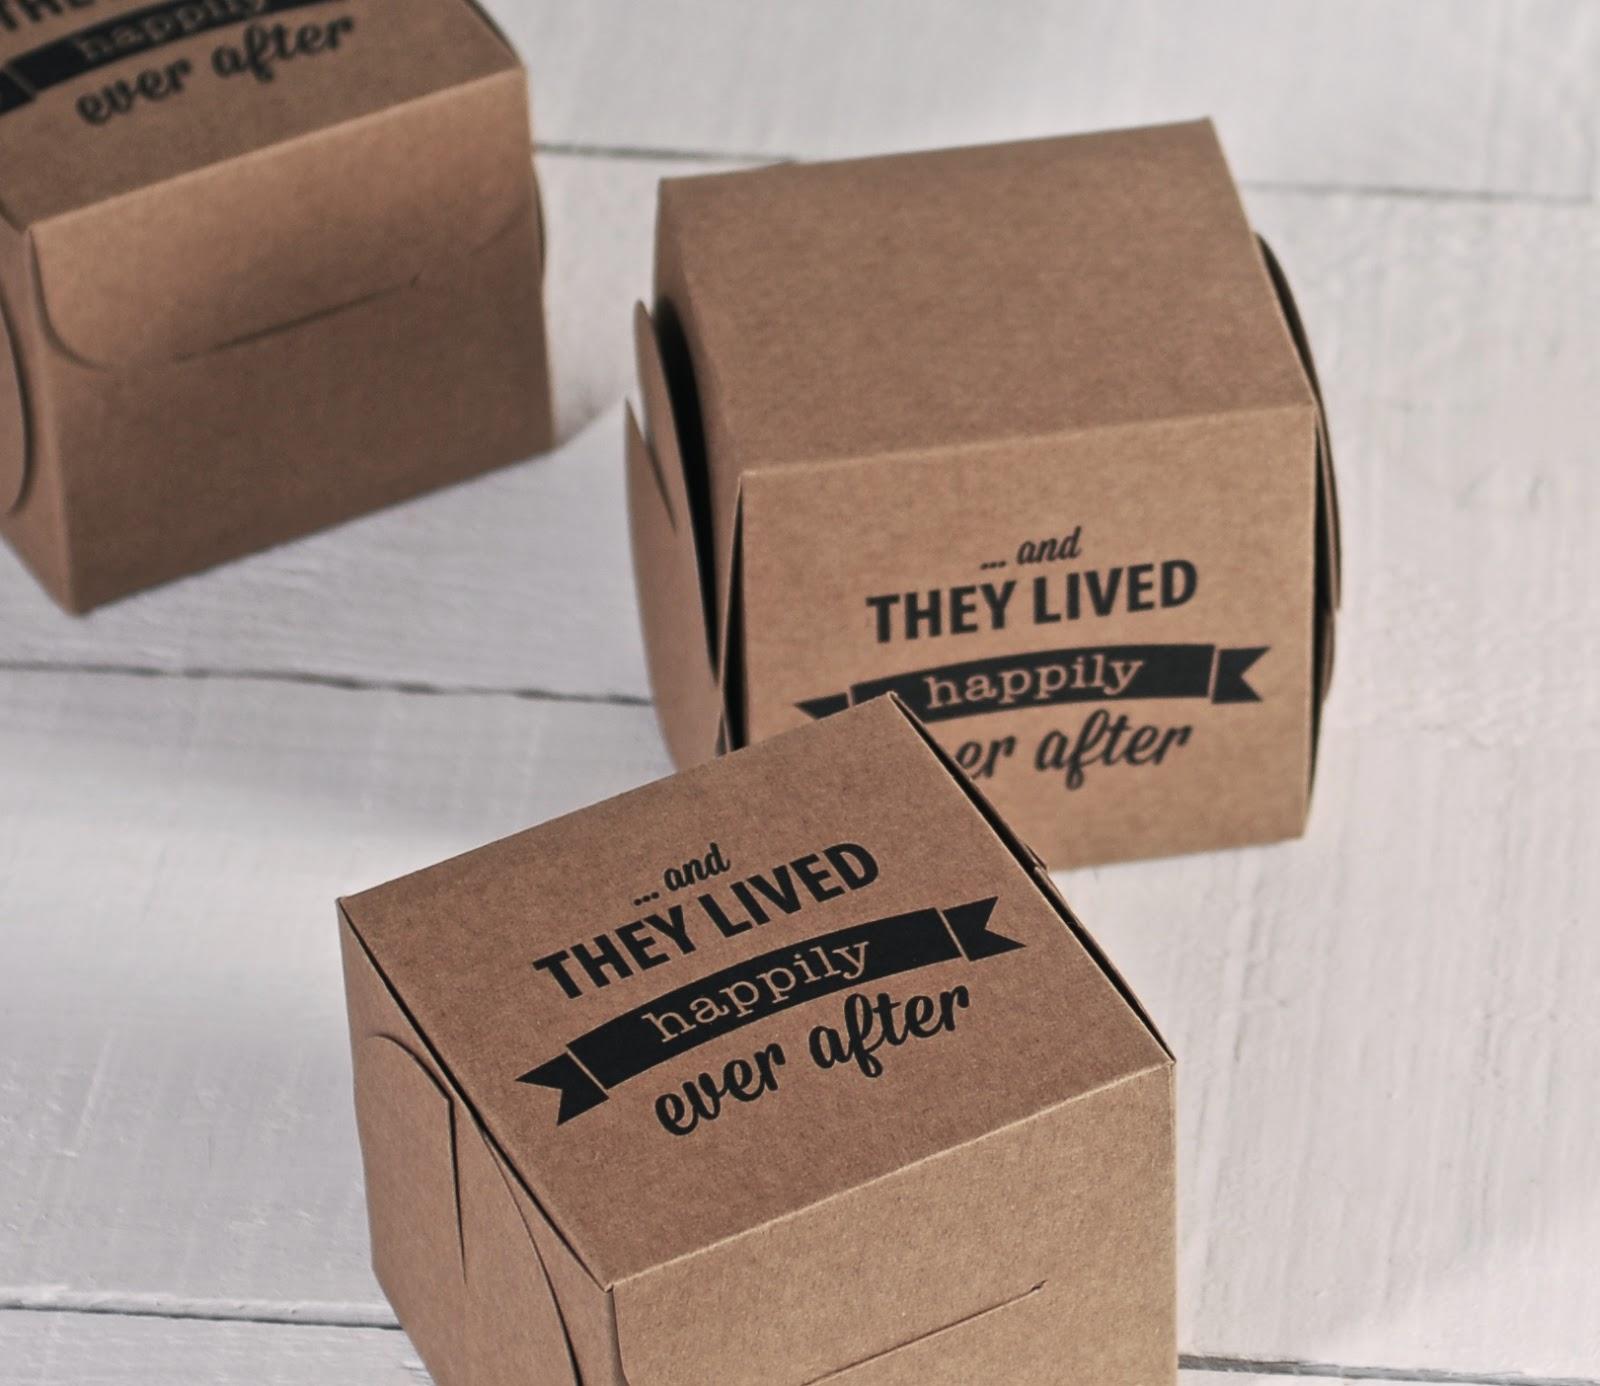 and they lived happily ever after, cajas con frases de amor, imprimir en cajas, dónde comprar cajas impresas, cajas baratas impresas, cajas impresas españa